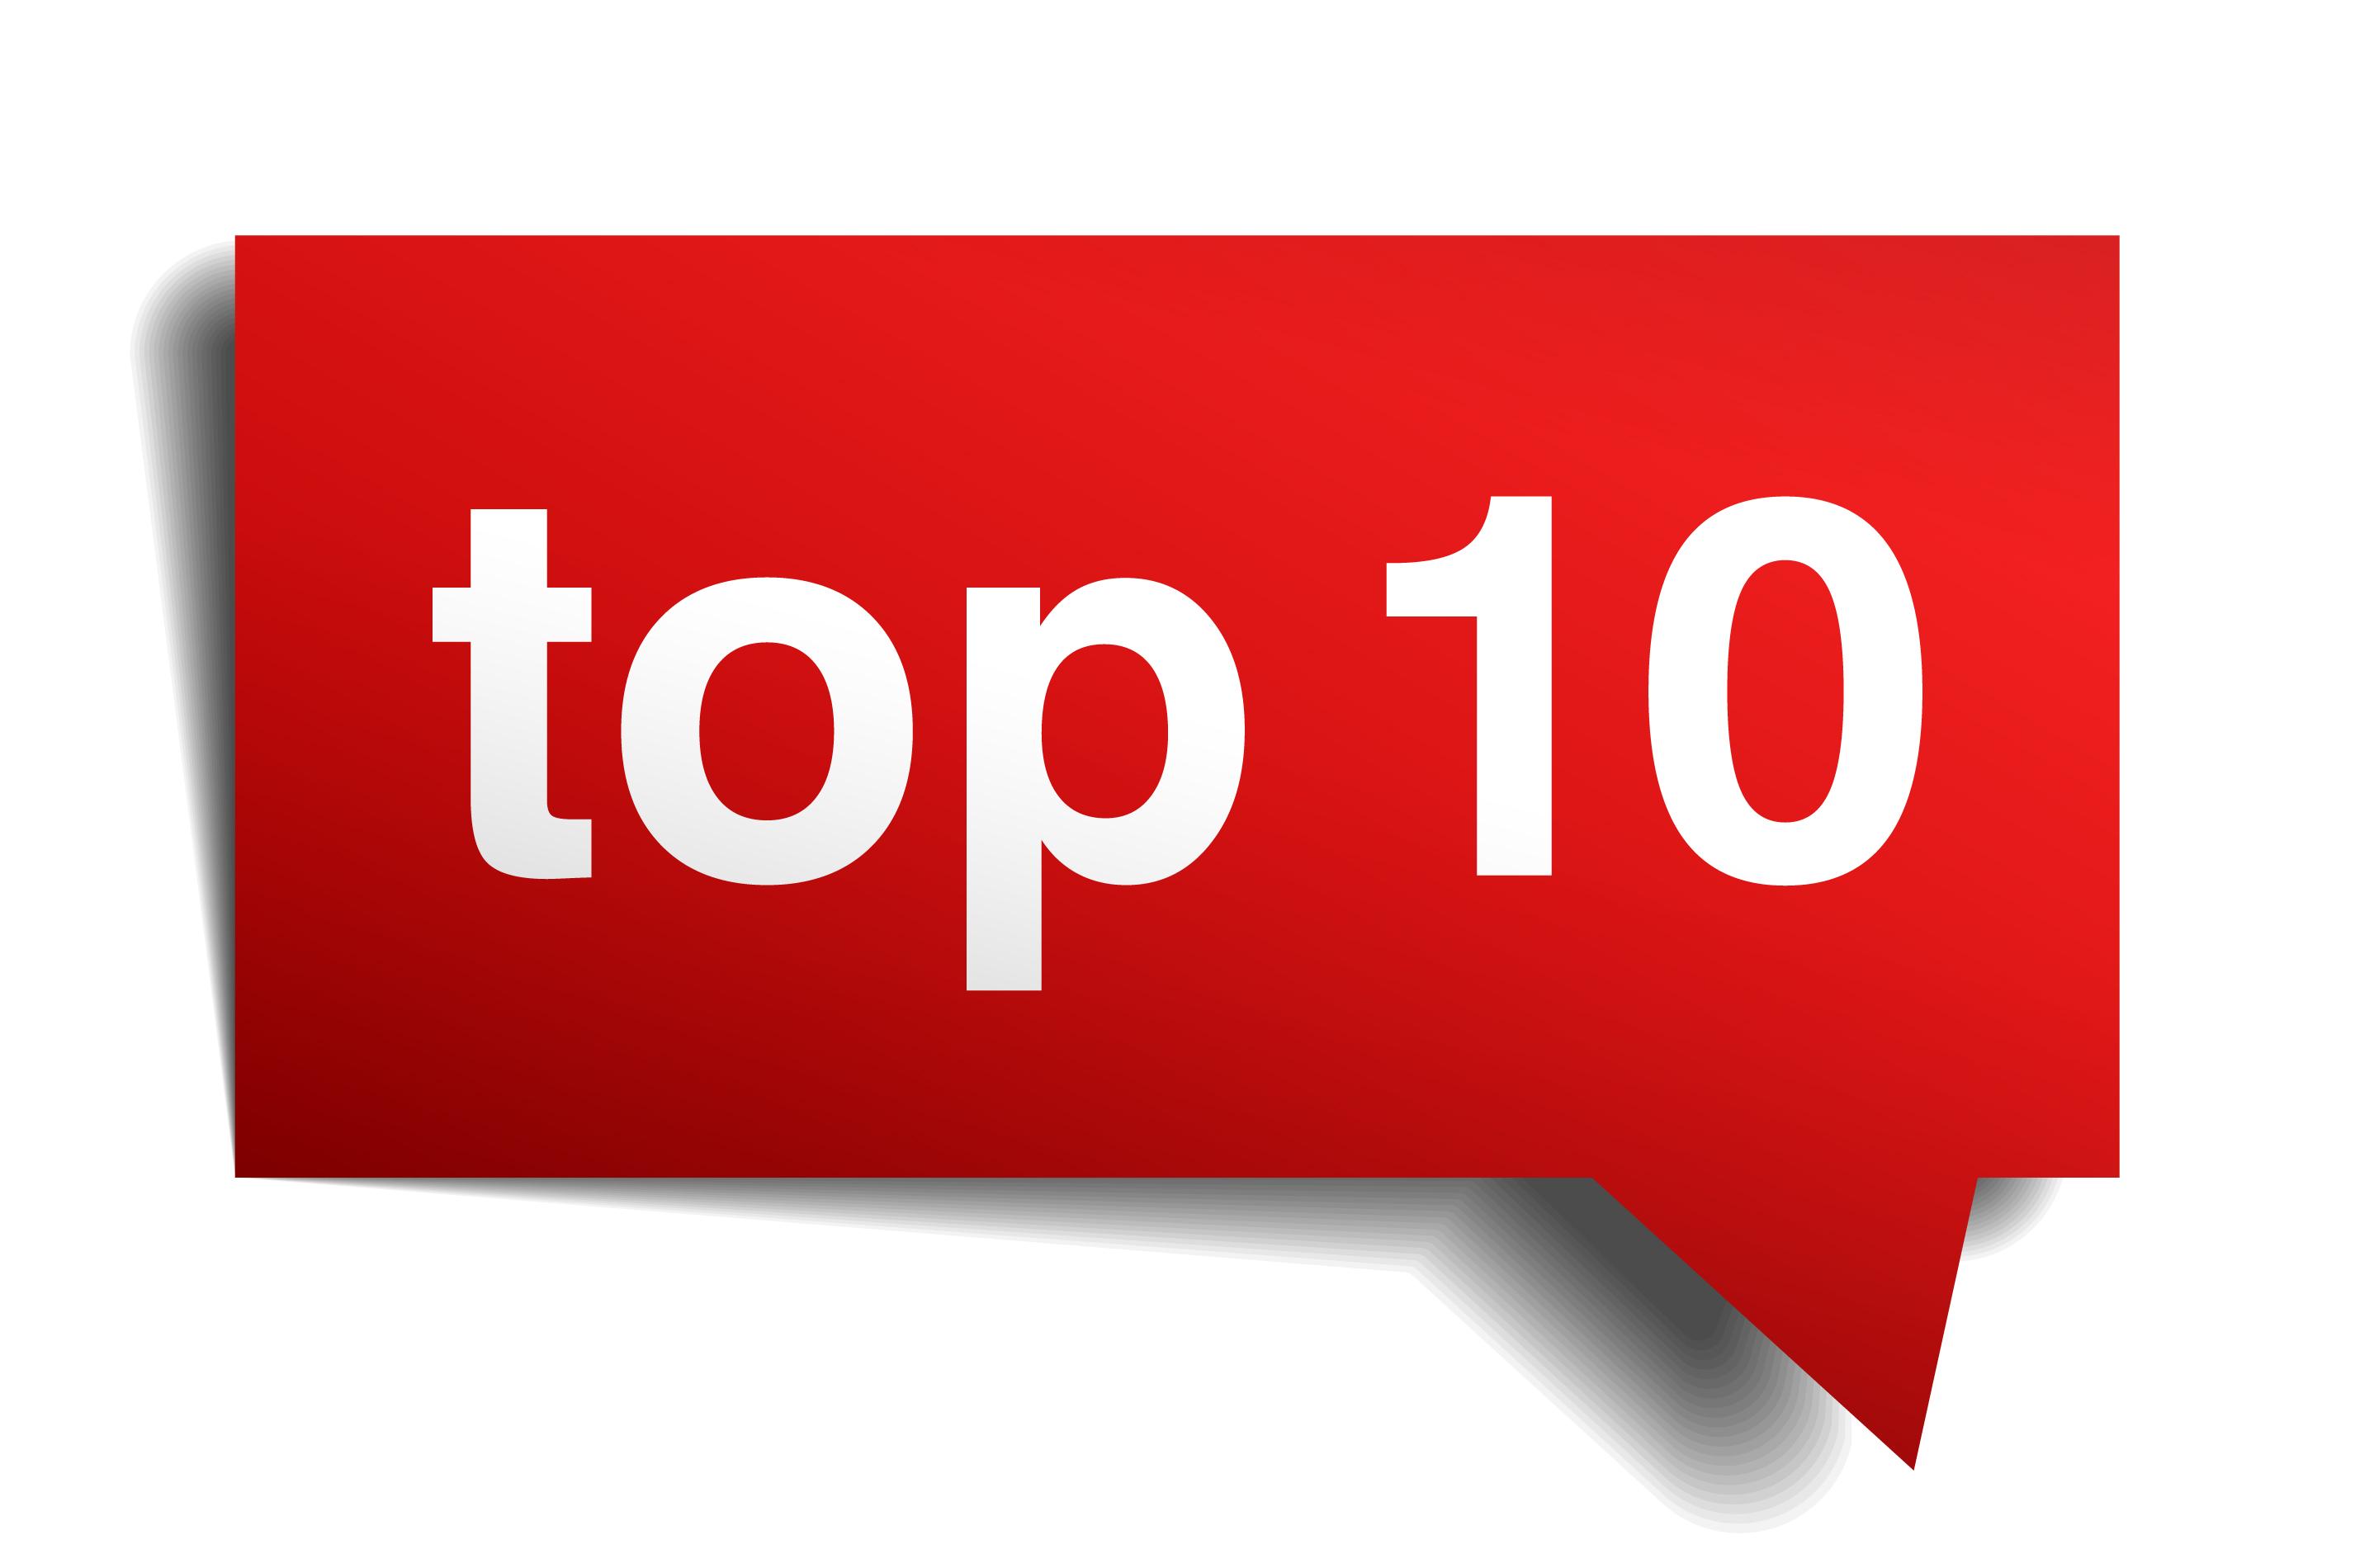 Десятка самых интересных статей о диджитал-маркетинге за 2015